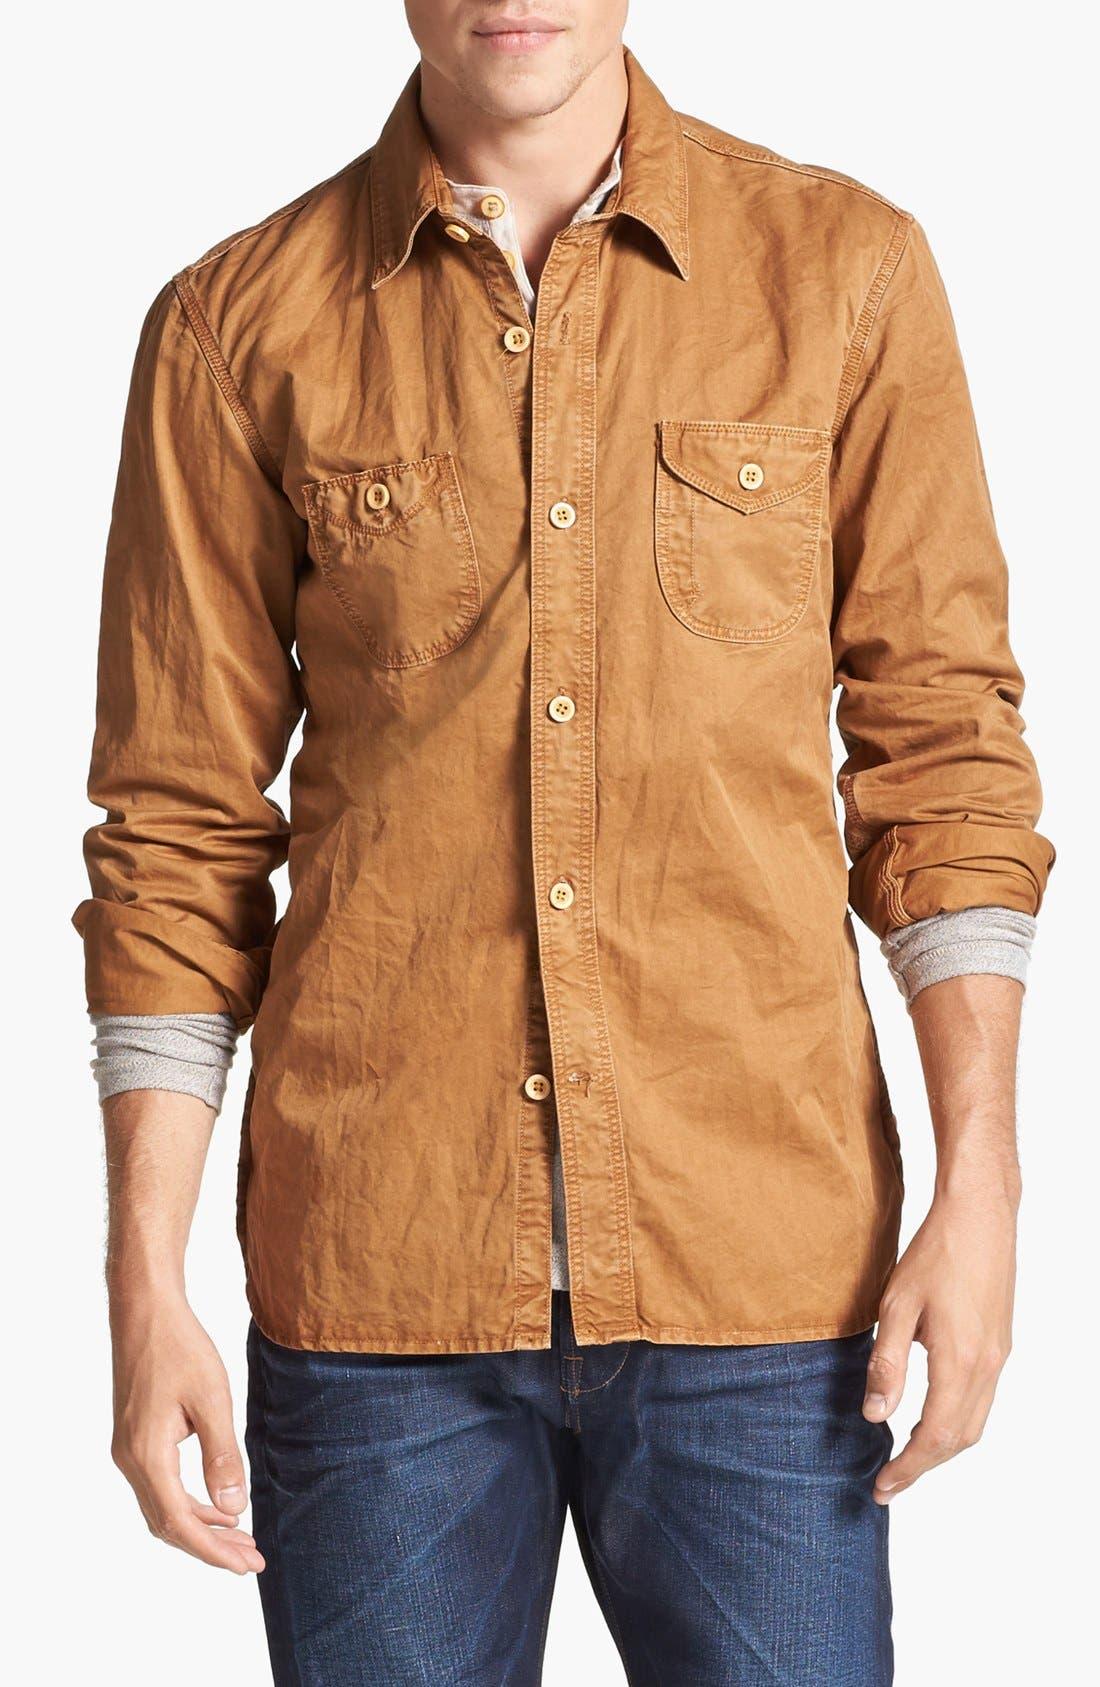 Main Image - PRPS Cotton Woven Shirt